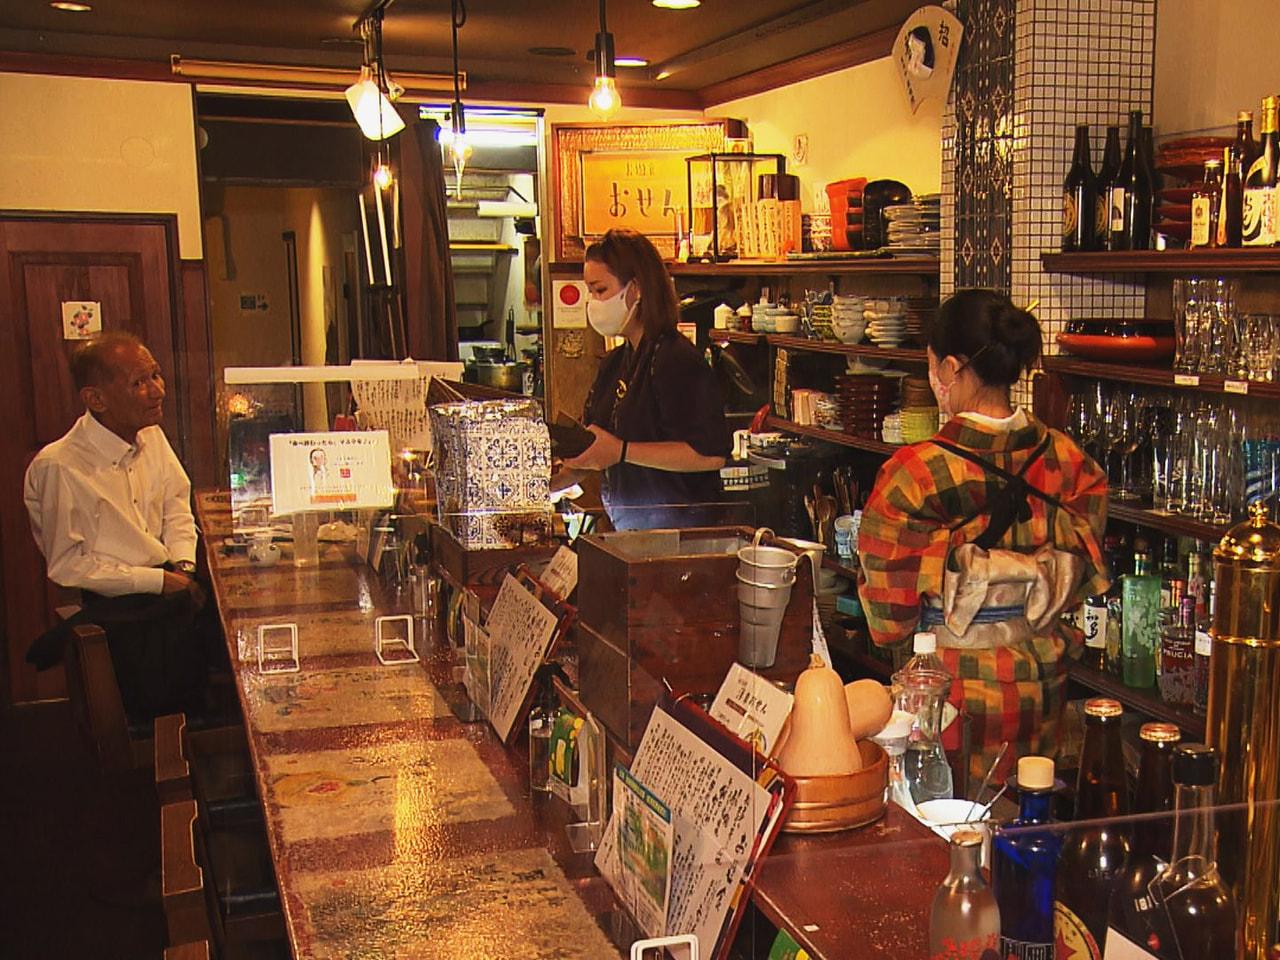 県内の飲食店では、1日からおよそ1か月ぶりに酒類の提供ができるようになりました。...